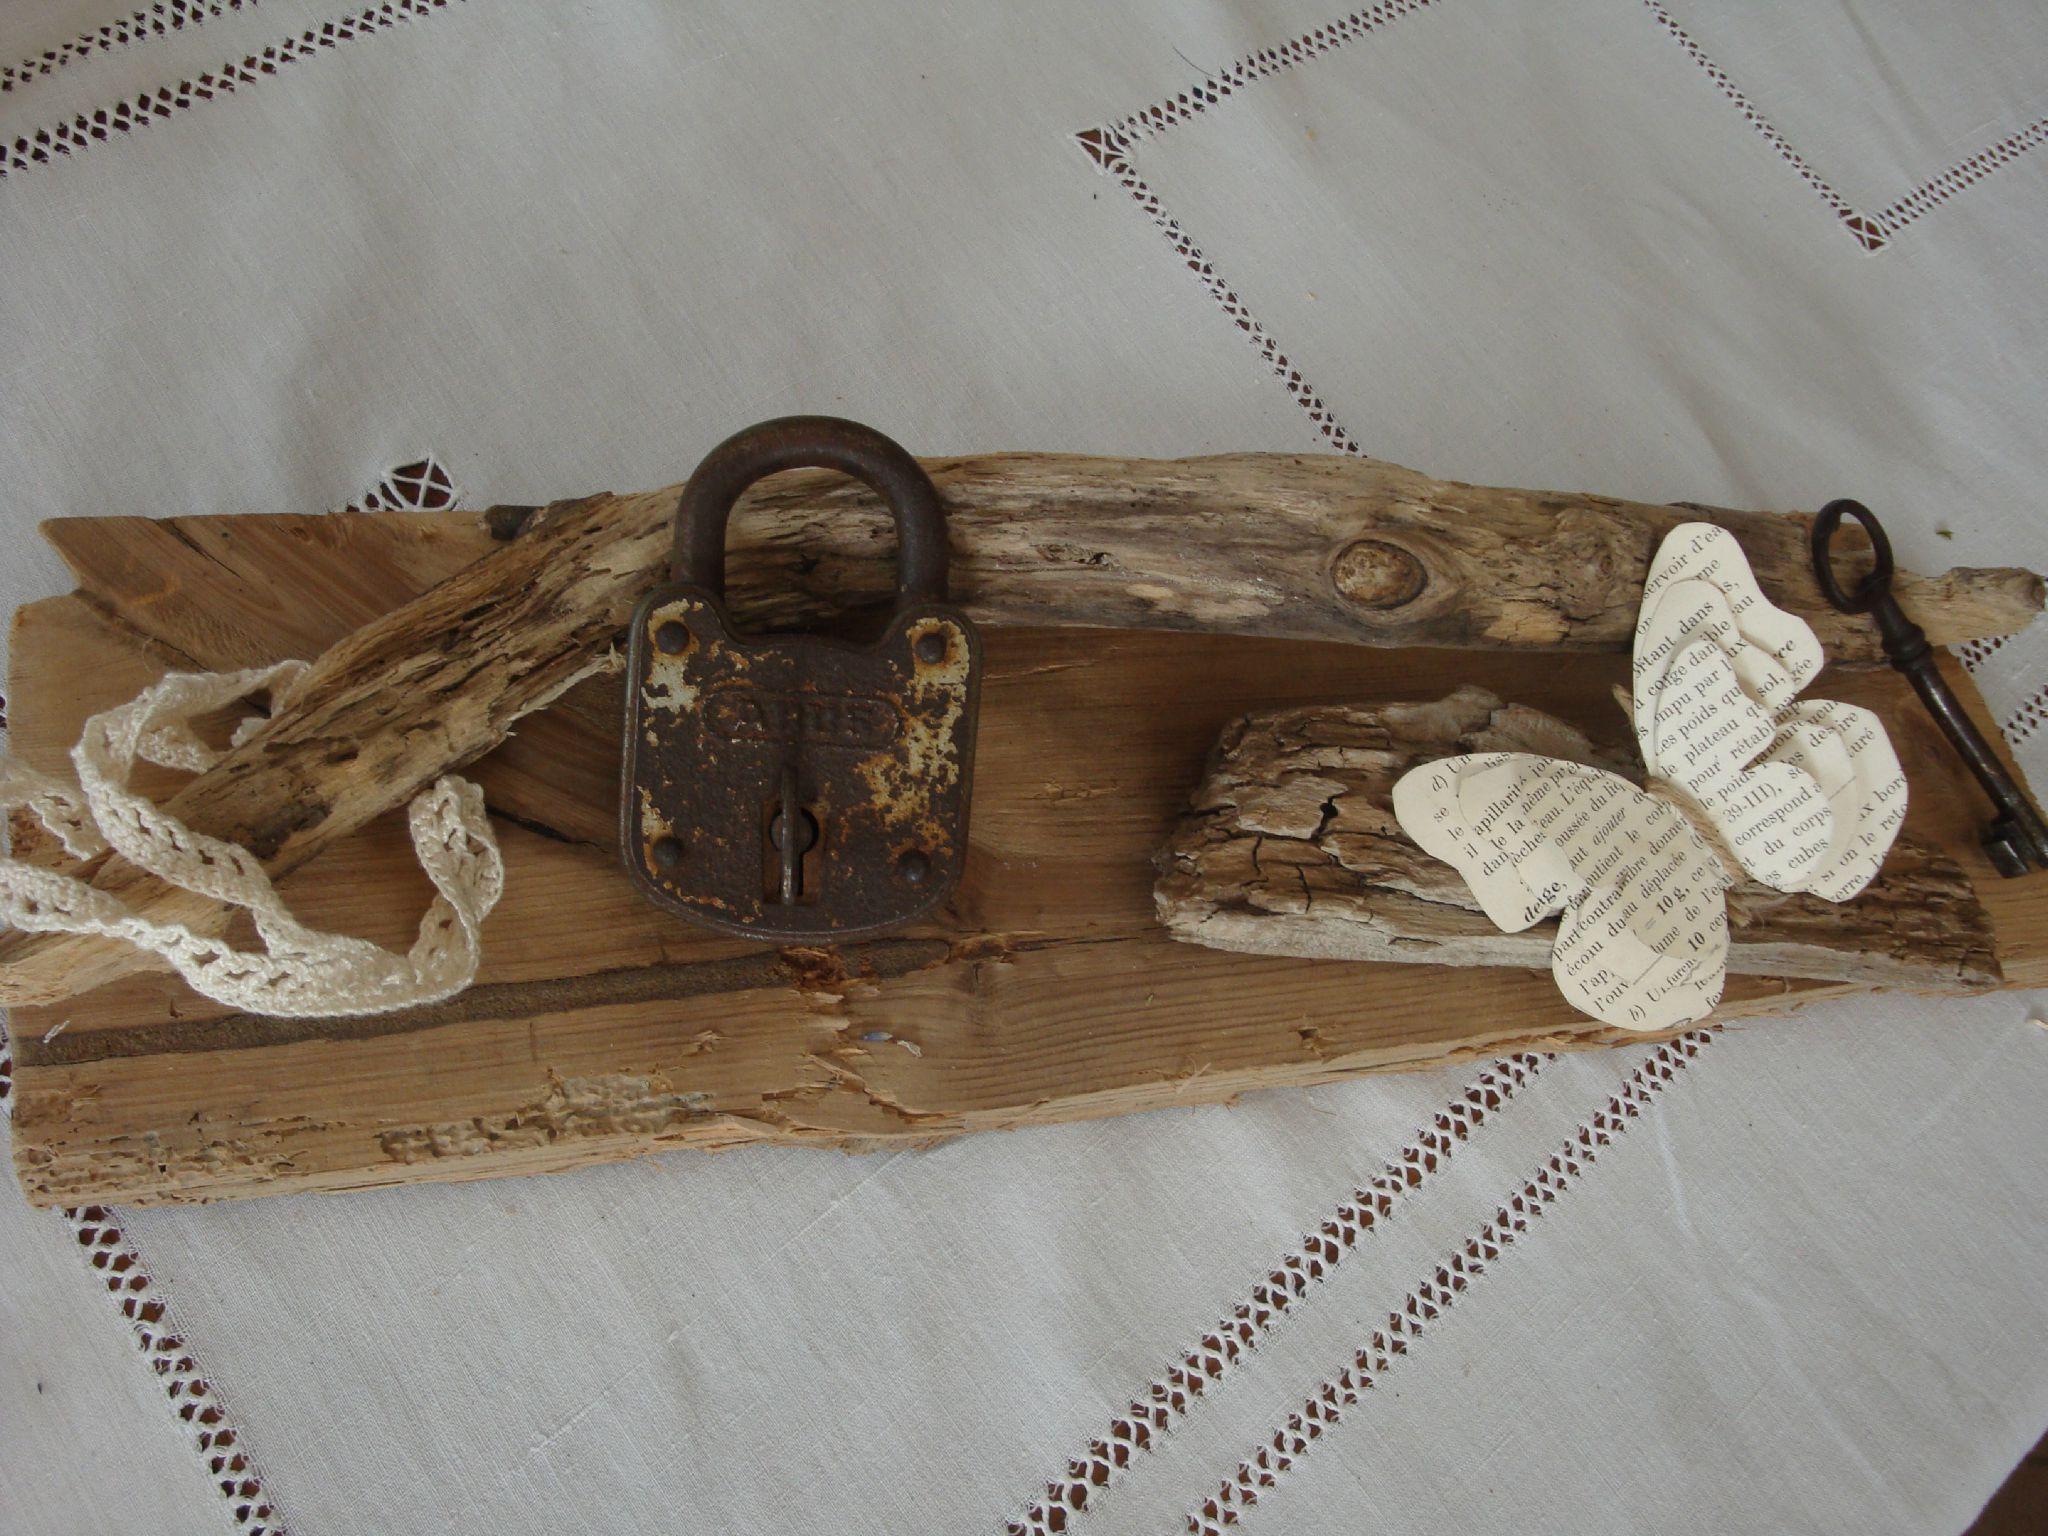 Mises en sc ne avec du bois flott r cup r cet t for Bouquet bois flotte